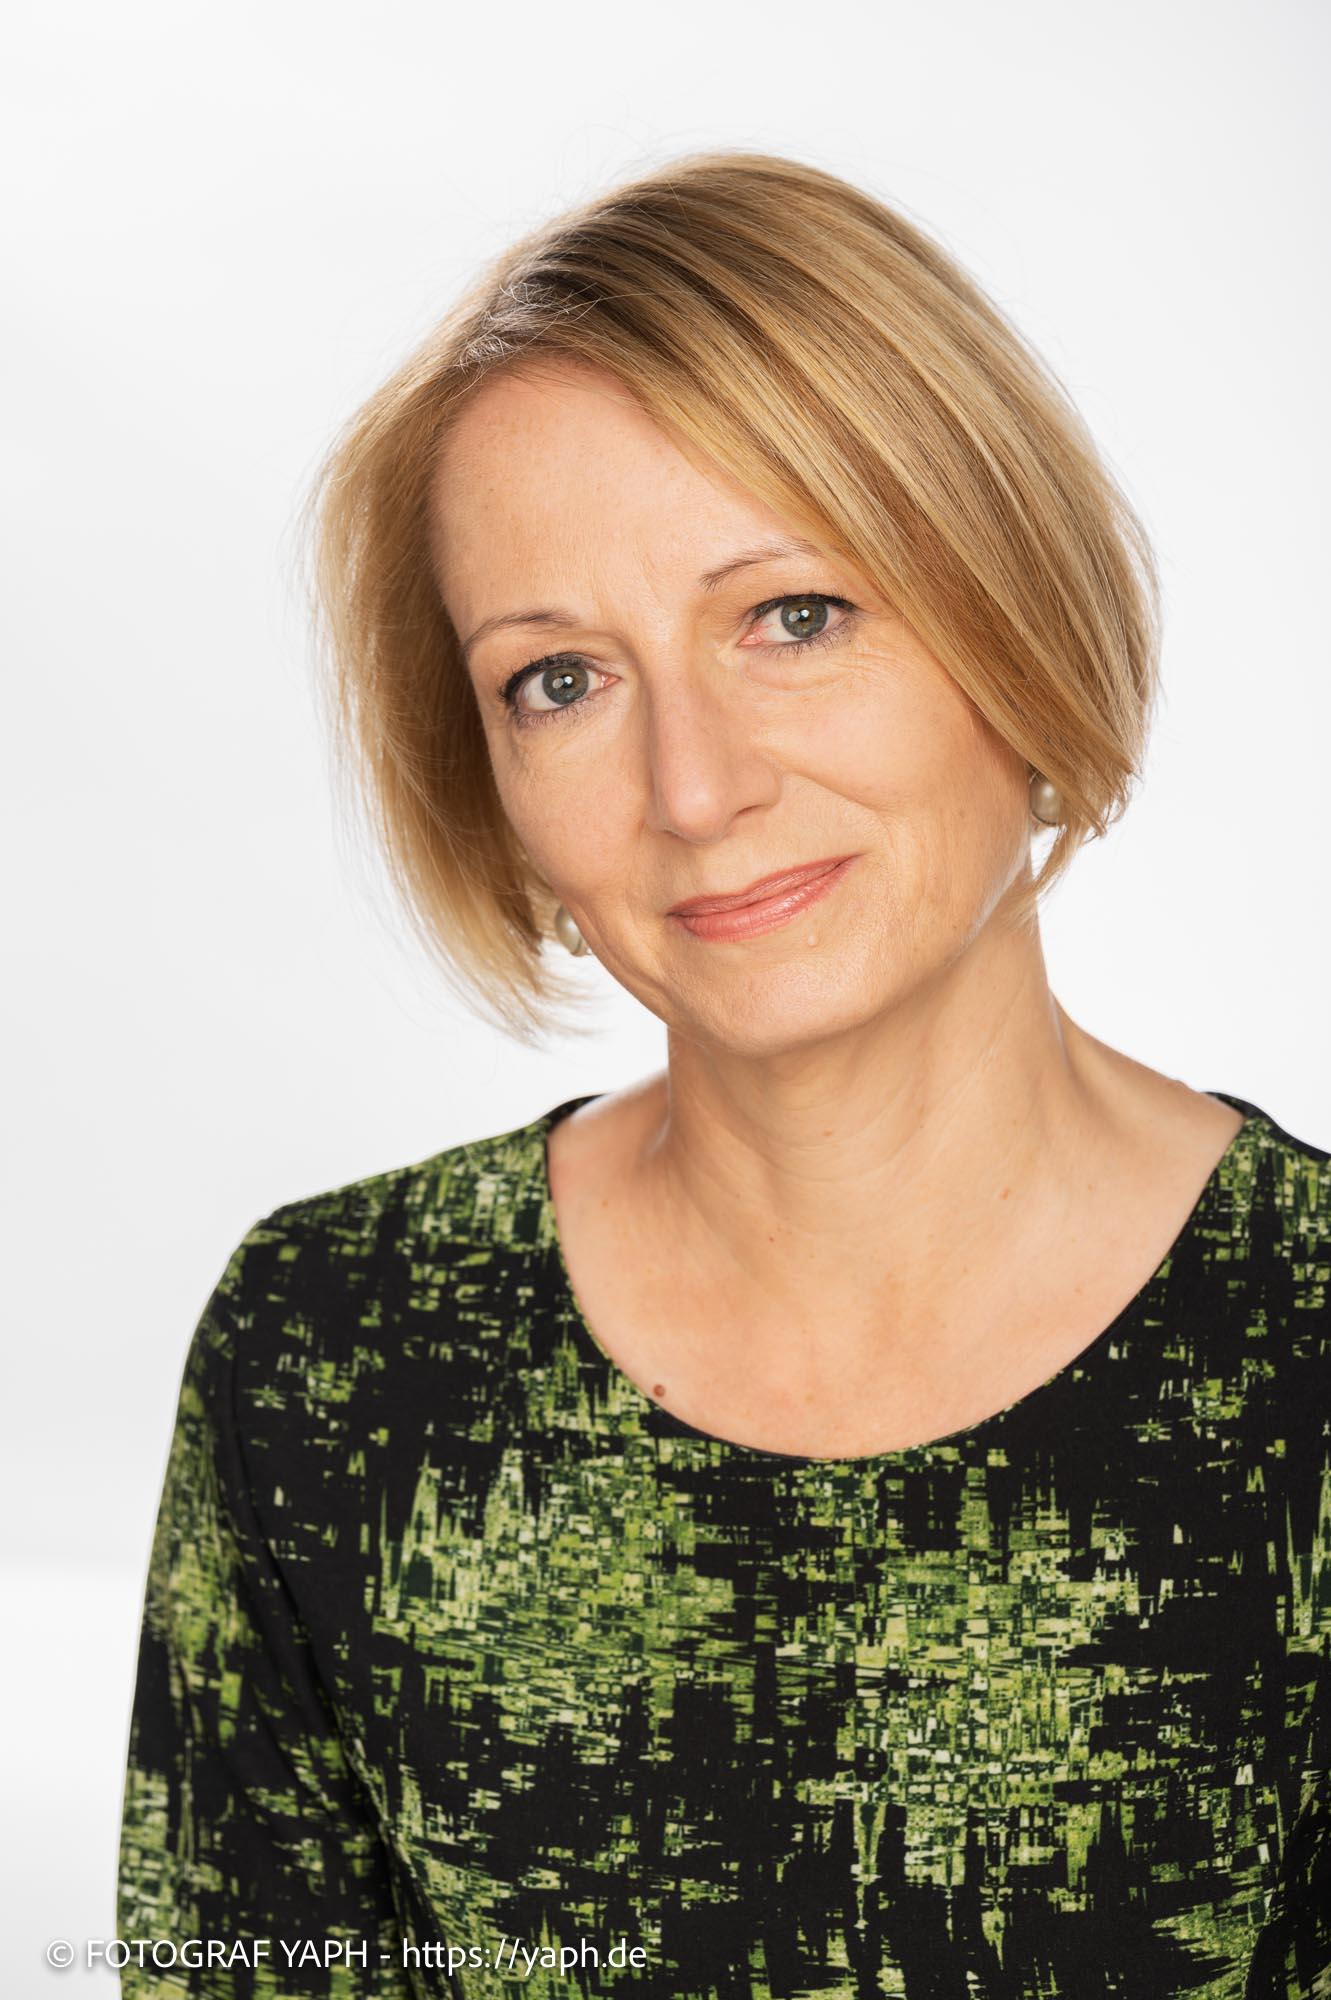 Portrait Fotoshooting für Business Portraits und Bewerbungsfotos Anja bei Yaph Fotograf Trier